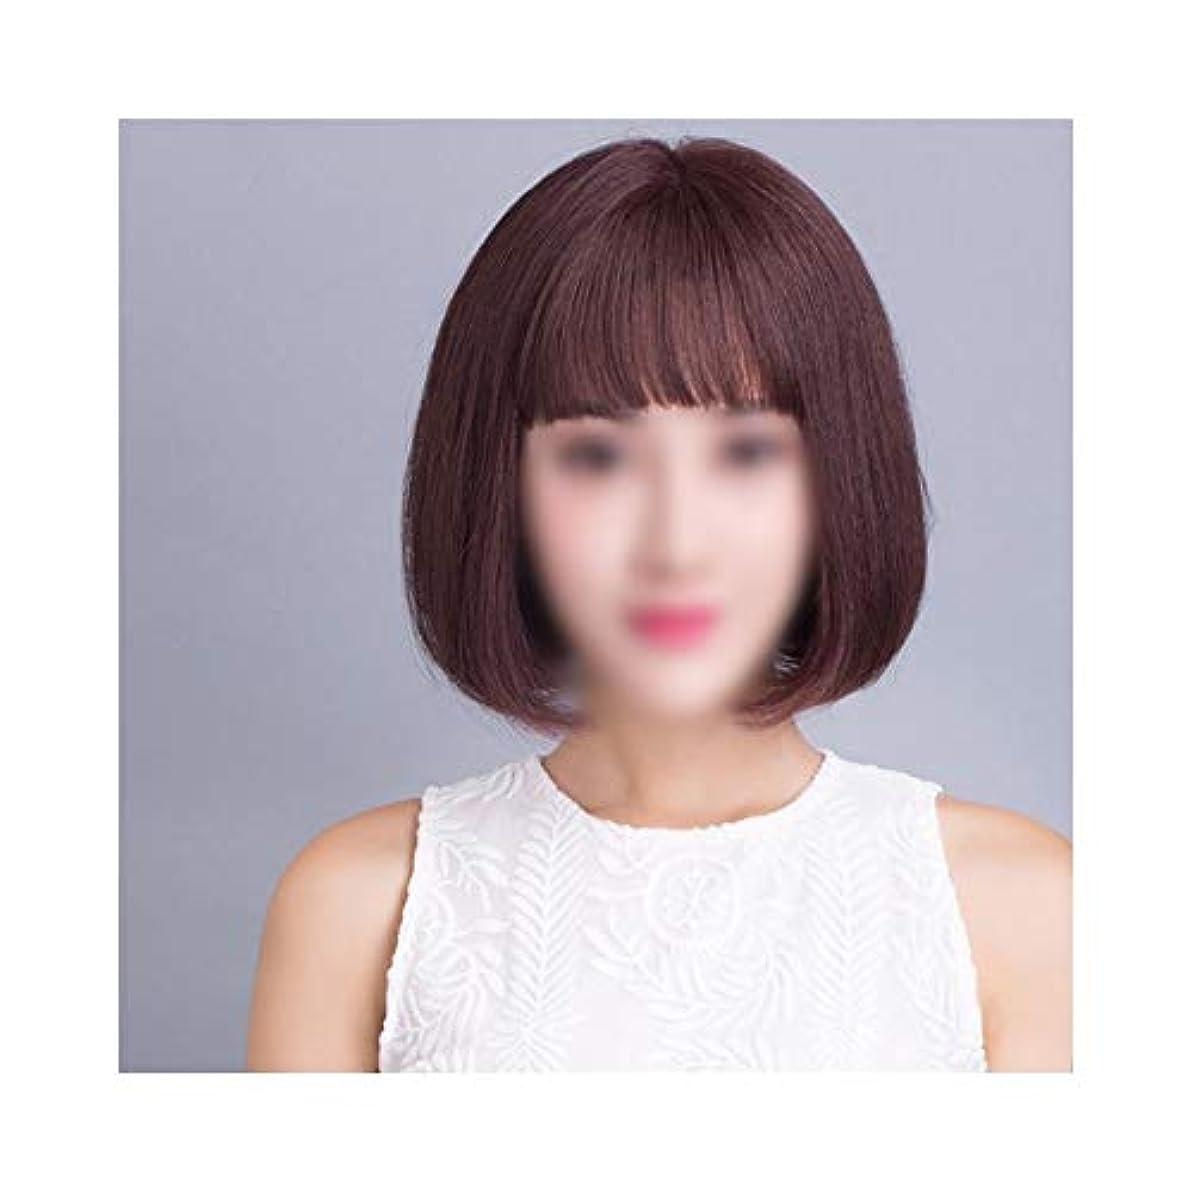 息子スイス人勧告YOUQIU エア前髪ウィッグウィッグで女子ショートヘアレアル髪ボブウィッグ (色 : Hand-woven top heart - dark brown)